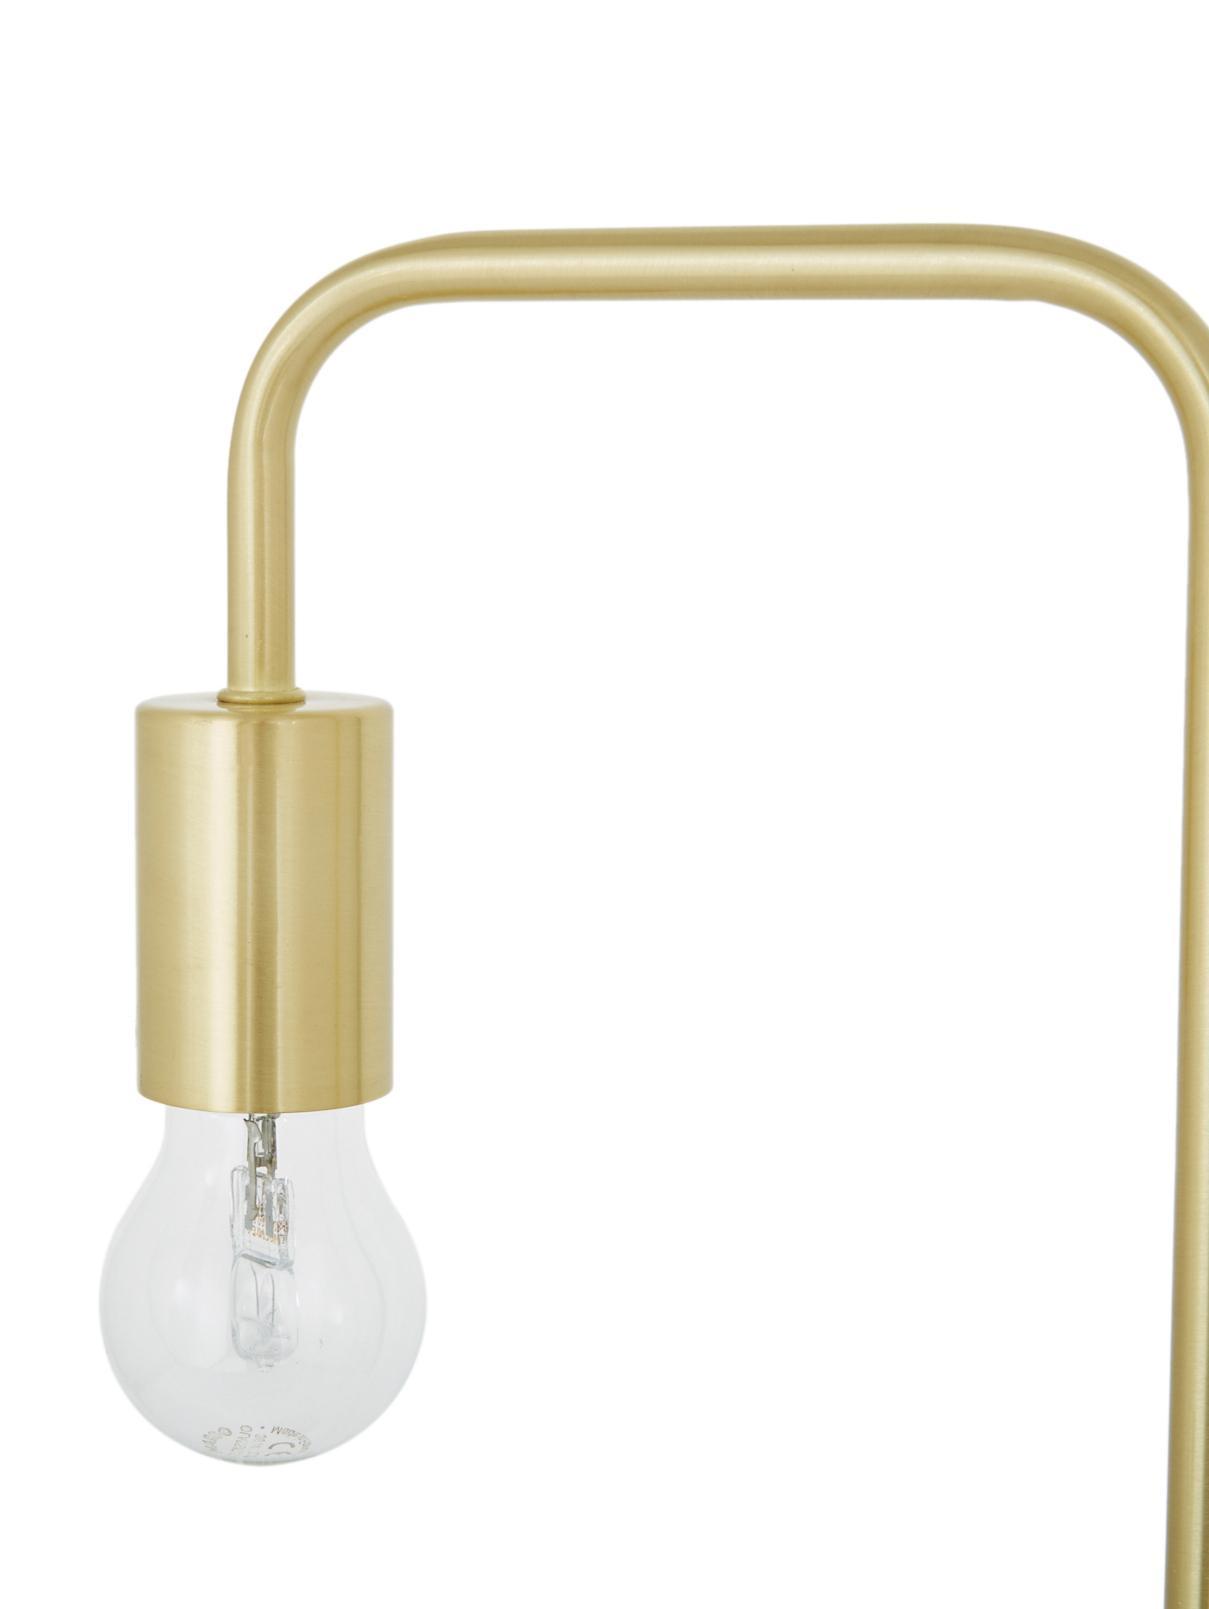 Schreibtischlampe Flow aus Metall, Messing, gebürstet, 22 x 56 cm